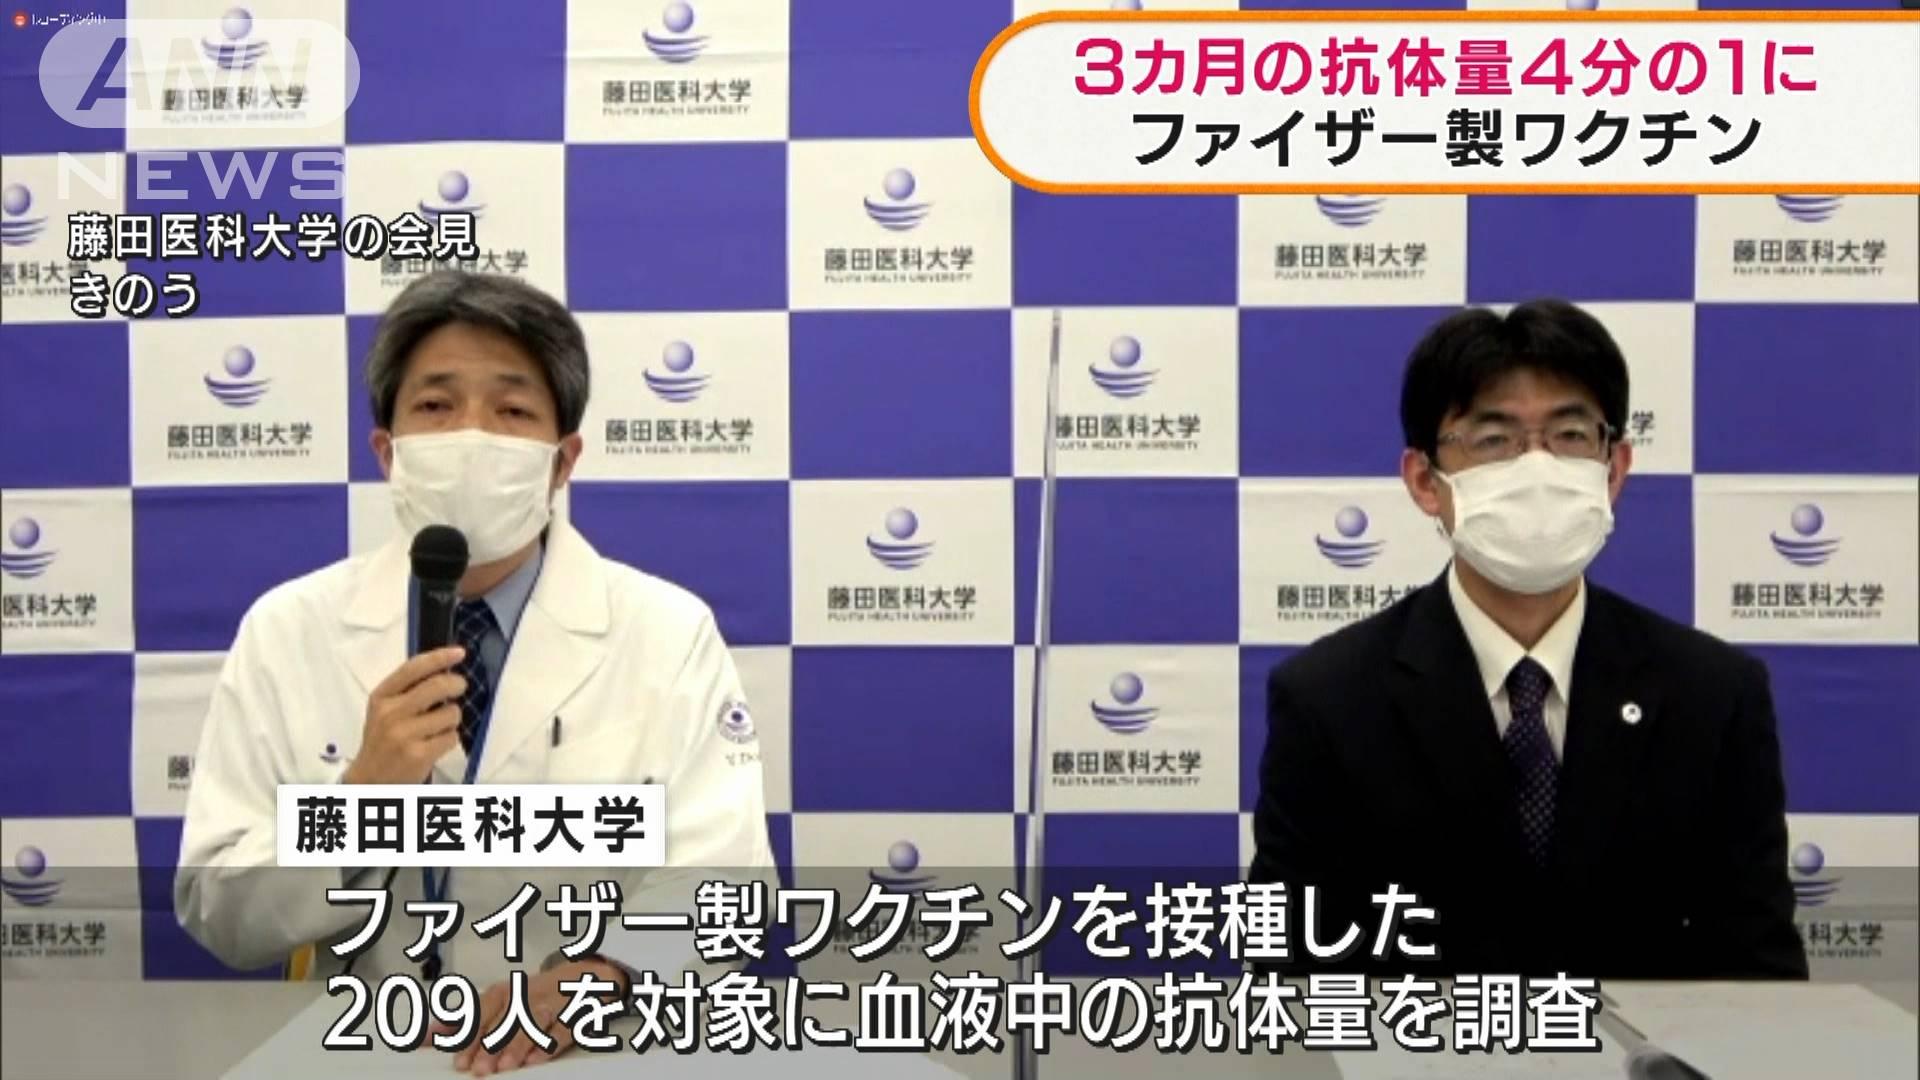 ファイザー製ワクチン 3カ月後の抗体量4分の1に テレ朝news-テレビ ...